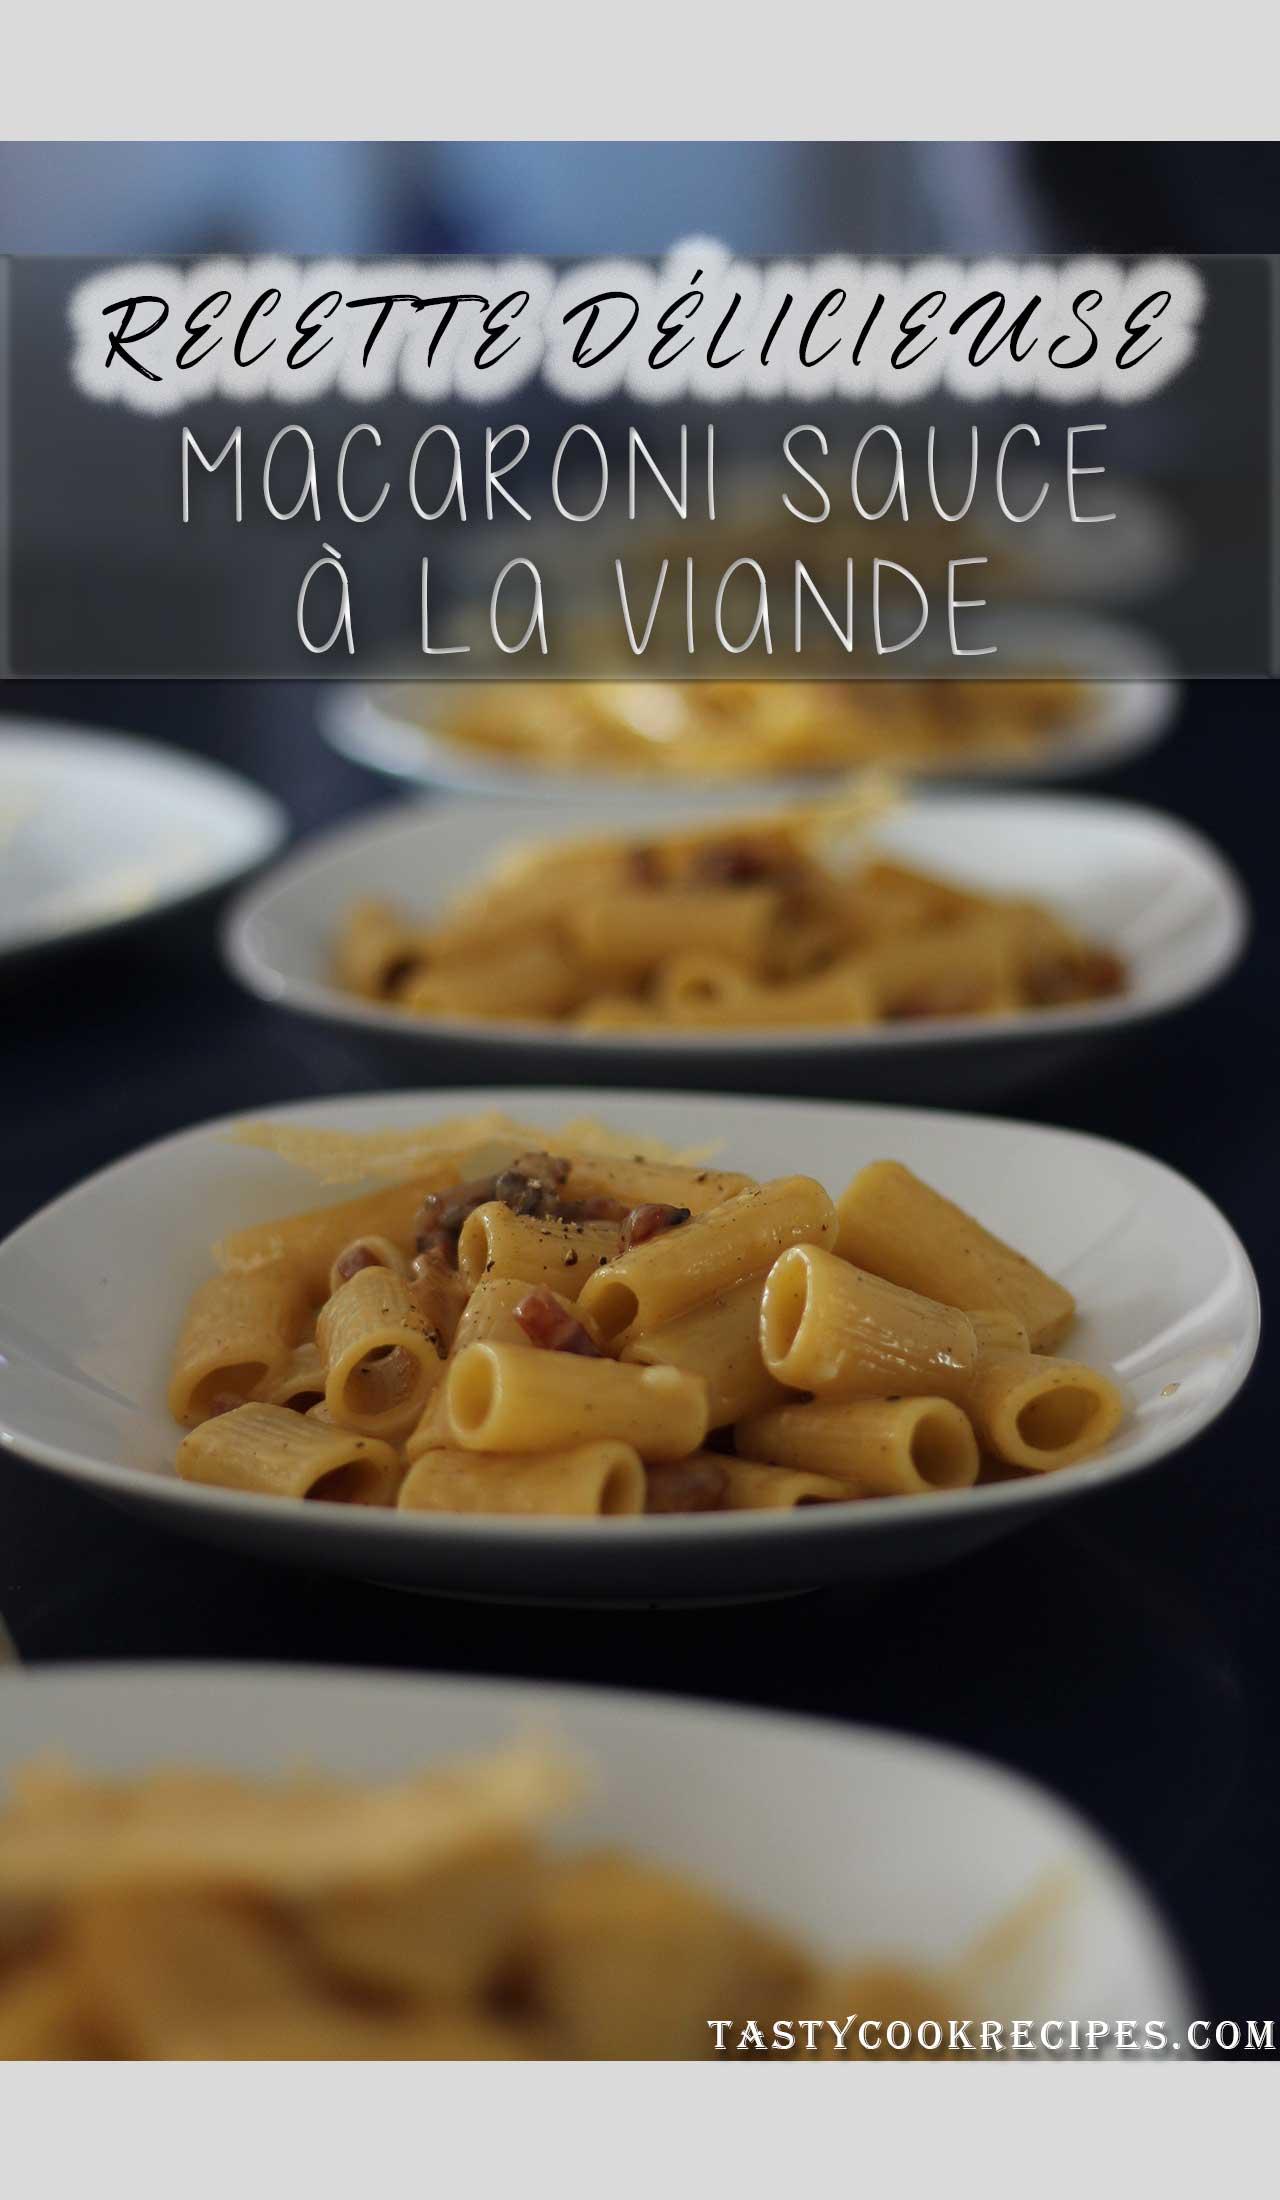 sauce à la viande, recette de pates macaroni